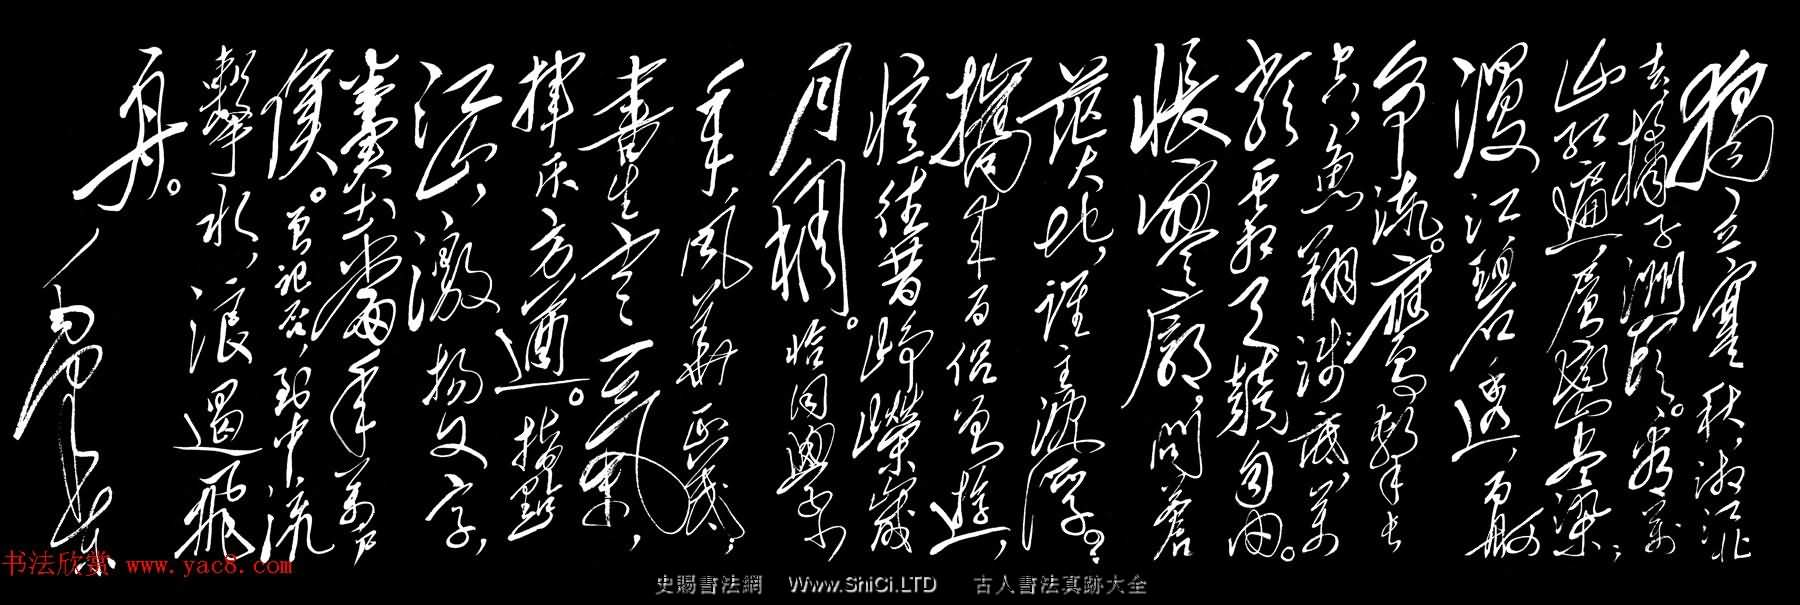 毛澤東草書法作品真跡《沁園春·長沙》(共6張圖片)